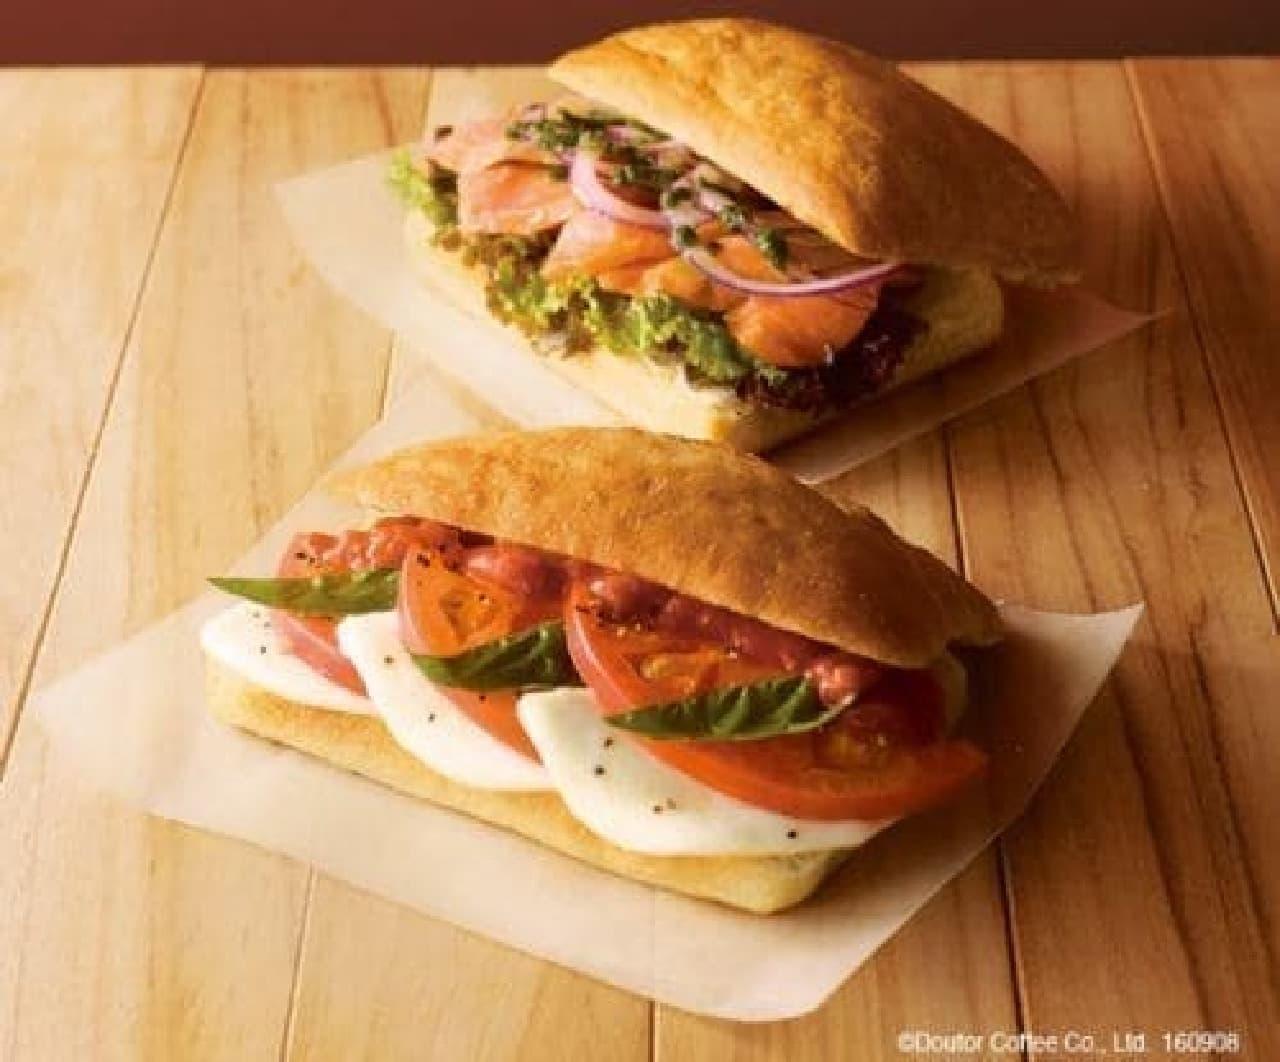 エクセルシオールカフェのパニーニ「サーモンバジル&クリームチーズ」「カプレーゼ」